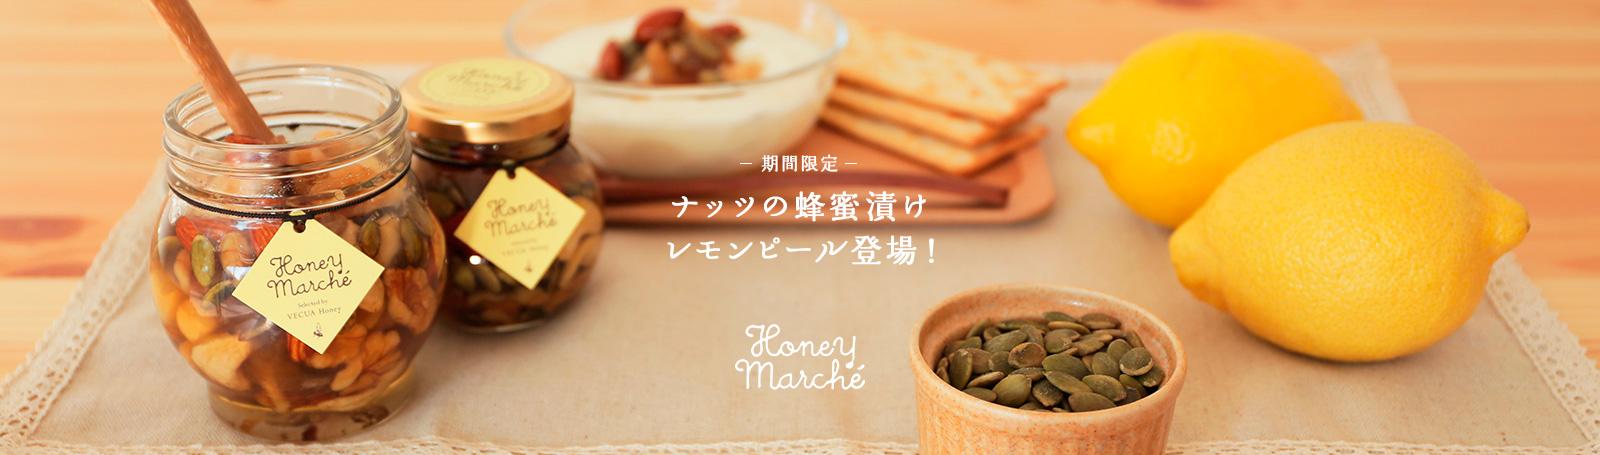 期間限定 - ナッツの蜂蜜漬けレモンピール登場!